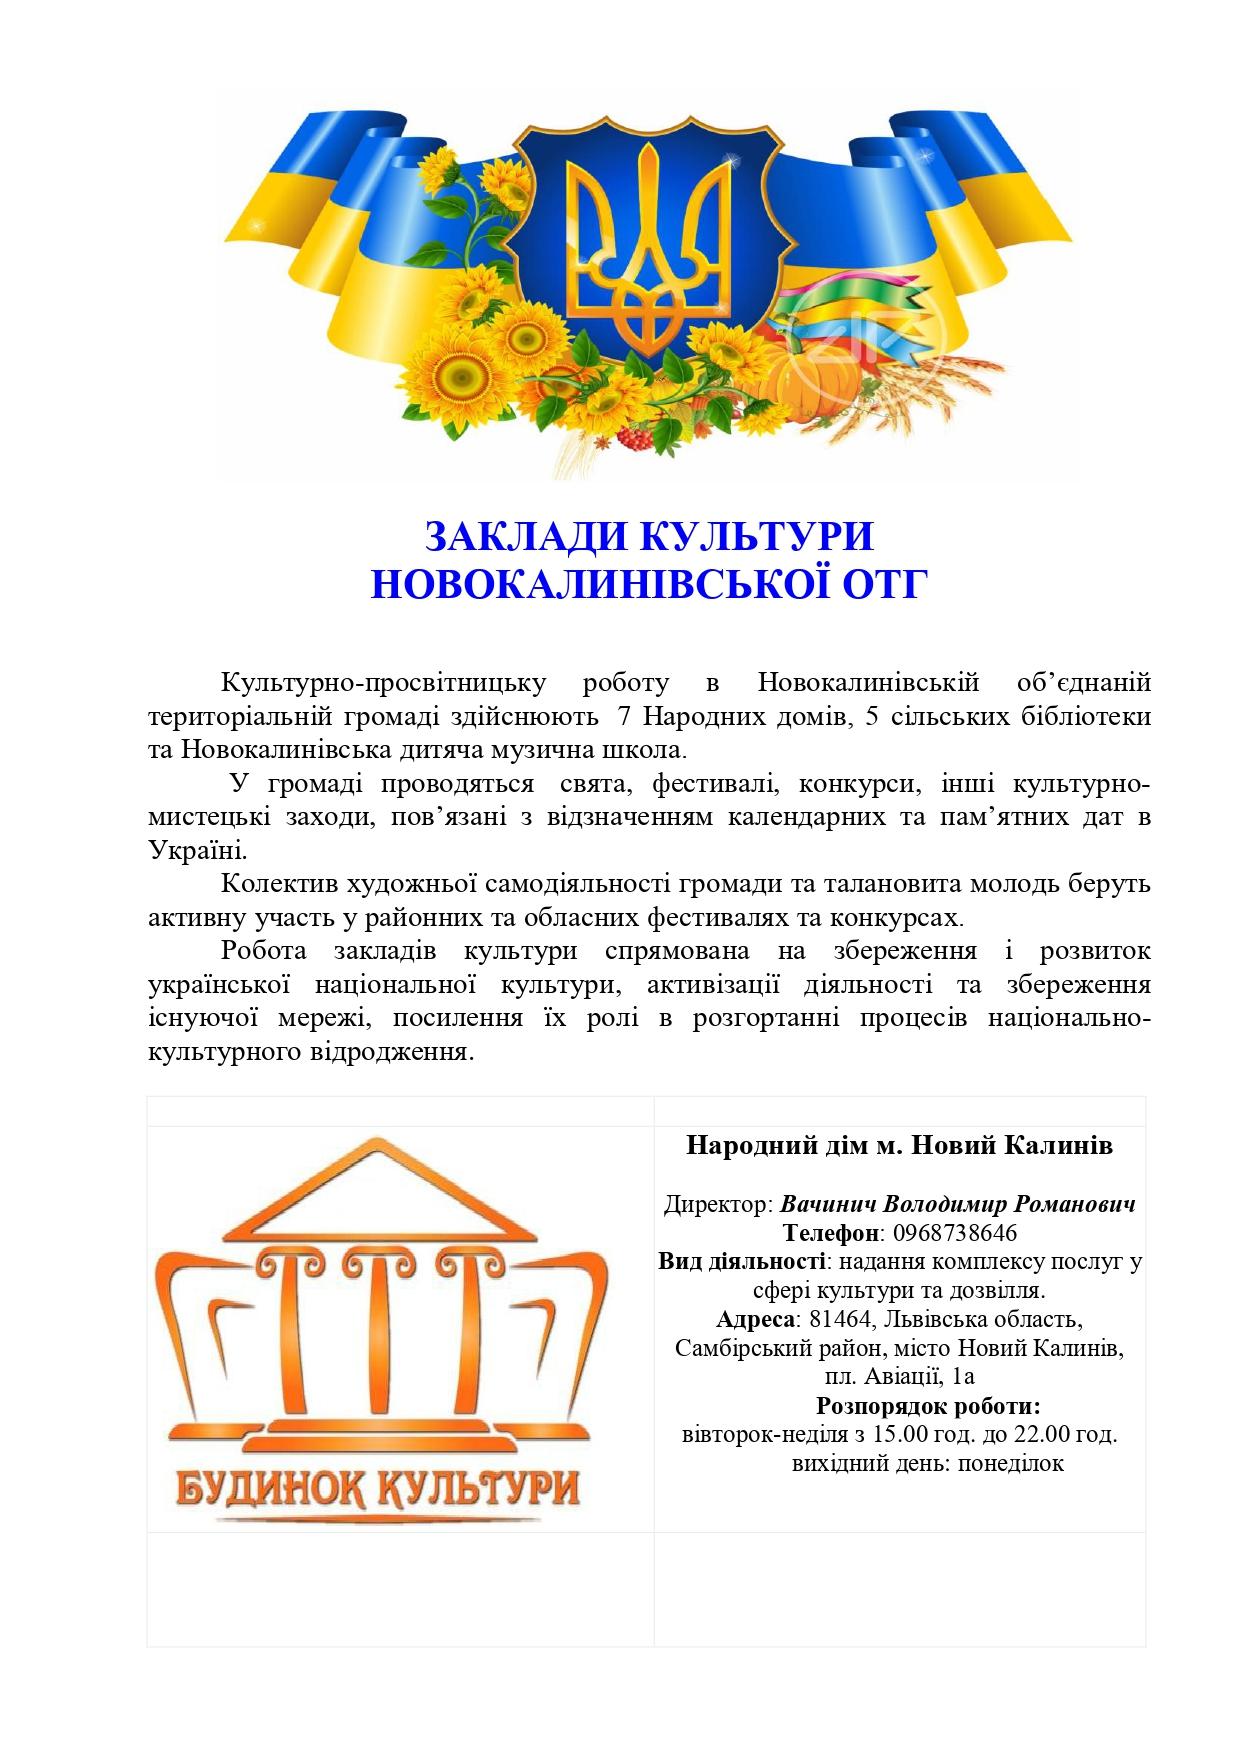 zaklady kultury Novokalynivskoi OTH